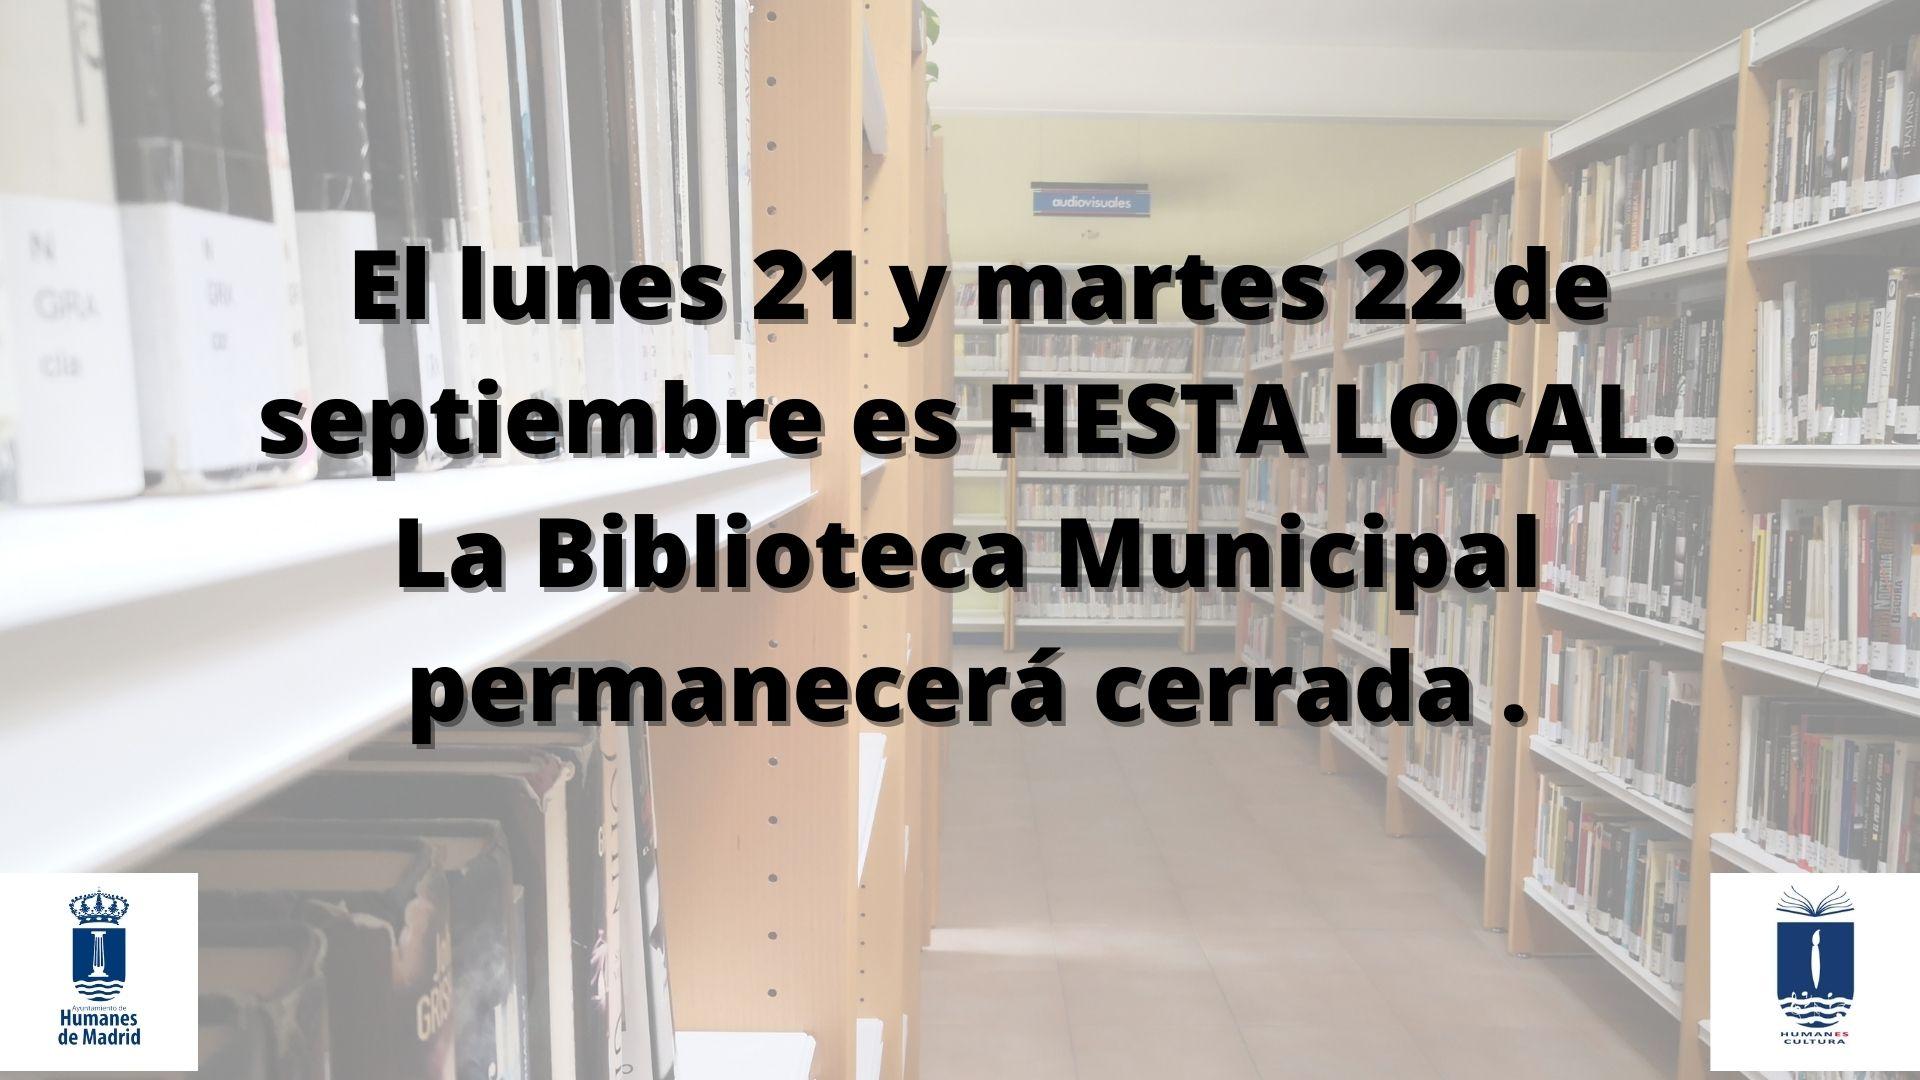 Es fiesta local, la Biblioteca municipal «Lorenzo Silva» cerrada el lunes 21 y 22 de septiembre.